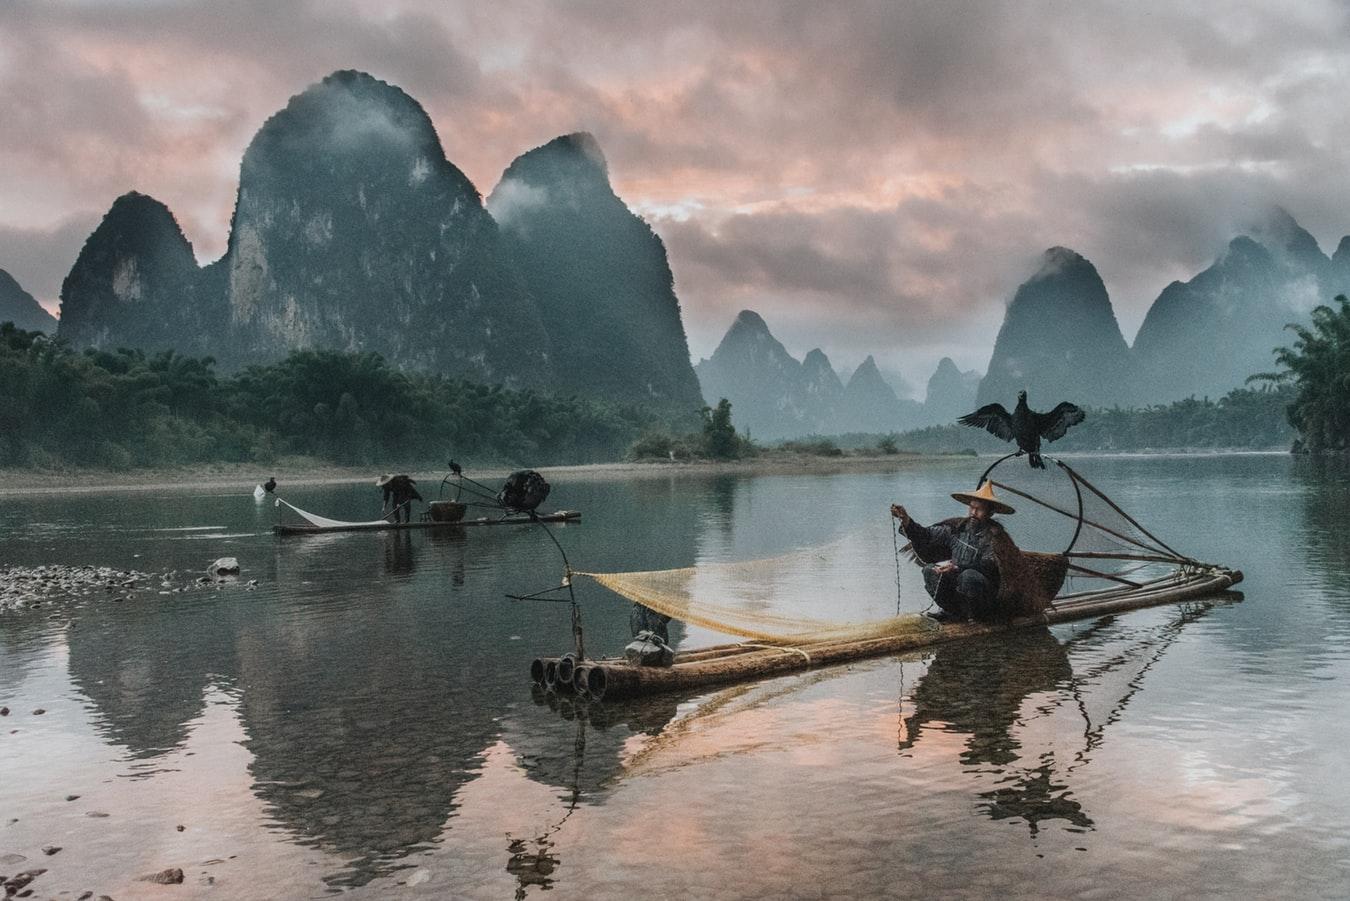 Pescatori sul Fiume Li, da visitare in un viaggio in Cina